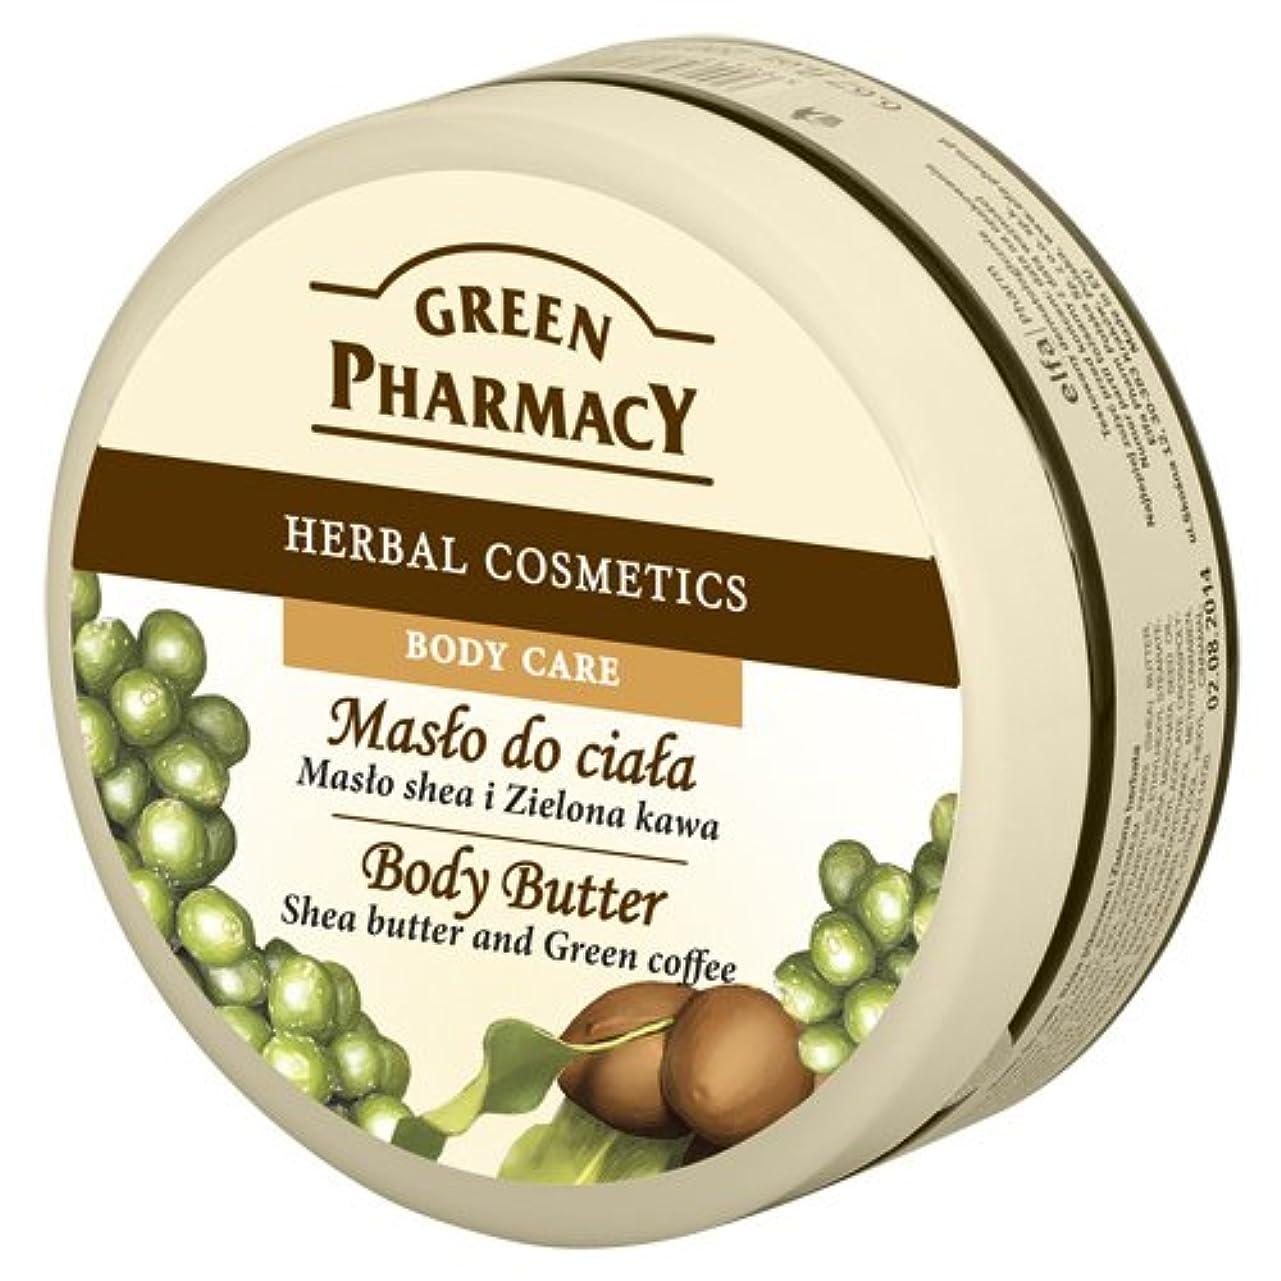 戸棚オゾン請願者Elfa Pharm Green Pharmacy グリーンファーマシー Body Butter ボディバター Shea Butter and Green Coffee